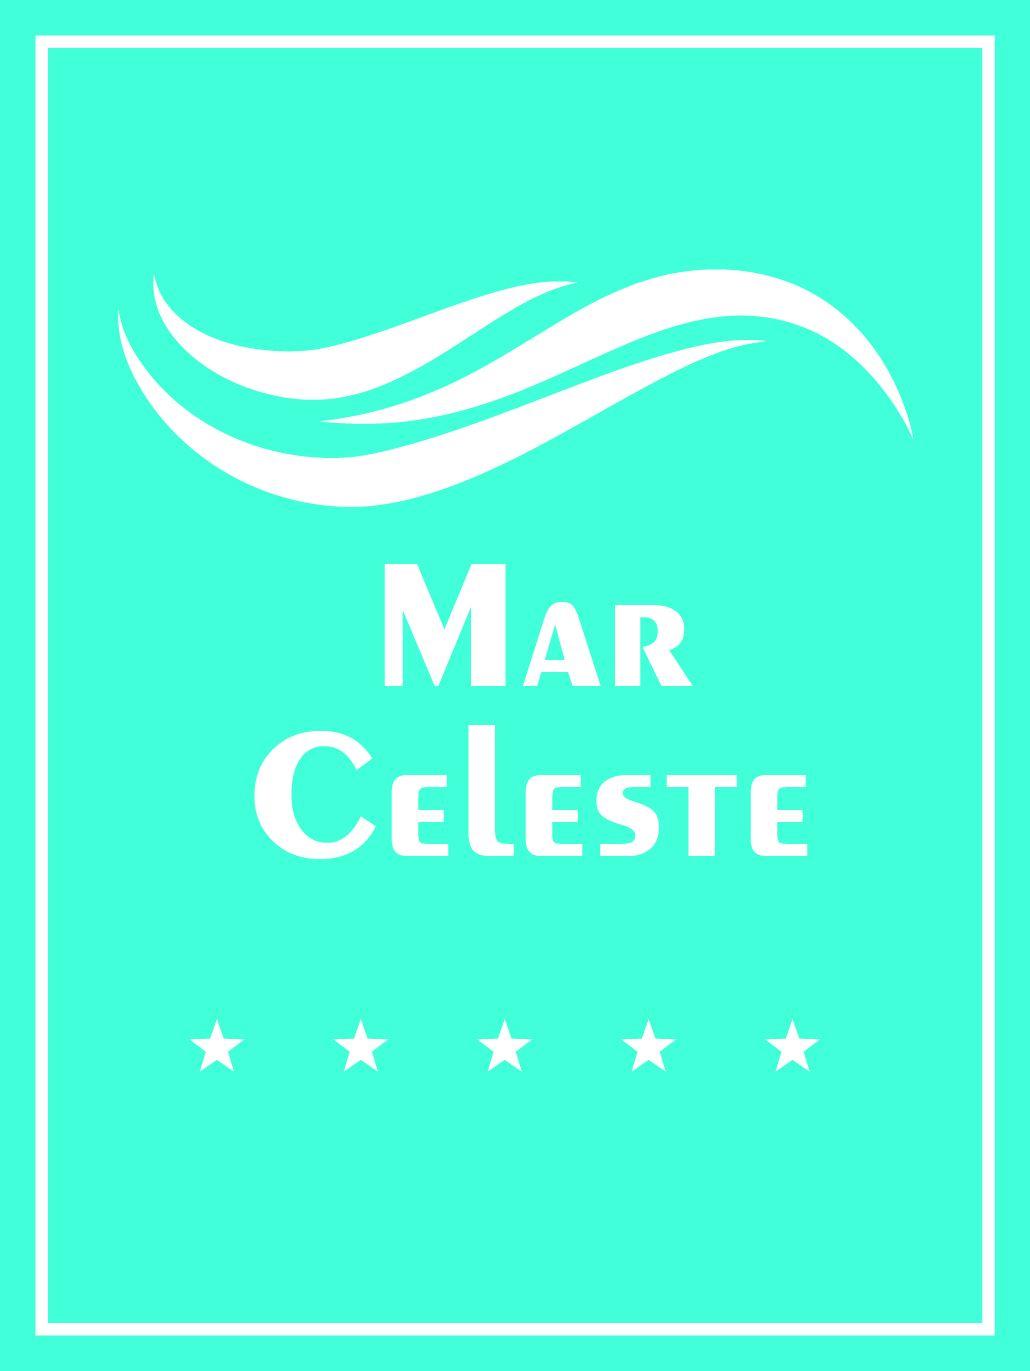 Mar Celeste Boutique